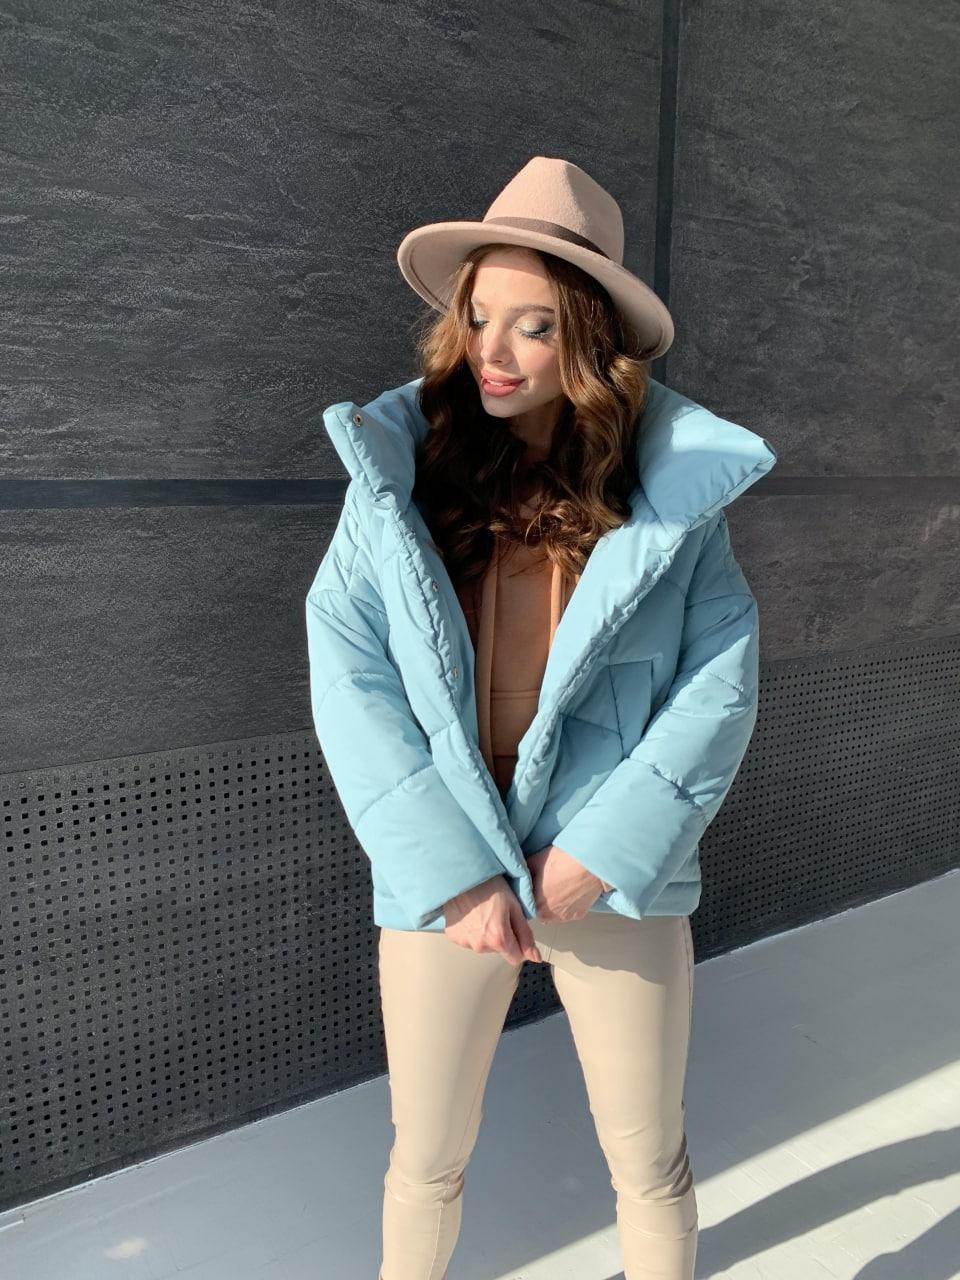 Уно short куртка из плащевой ткани Ammy 10927 АРТ. 47401 Цвет: Олива - фото 7, интернет магазин tm-modus.ru